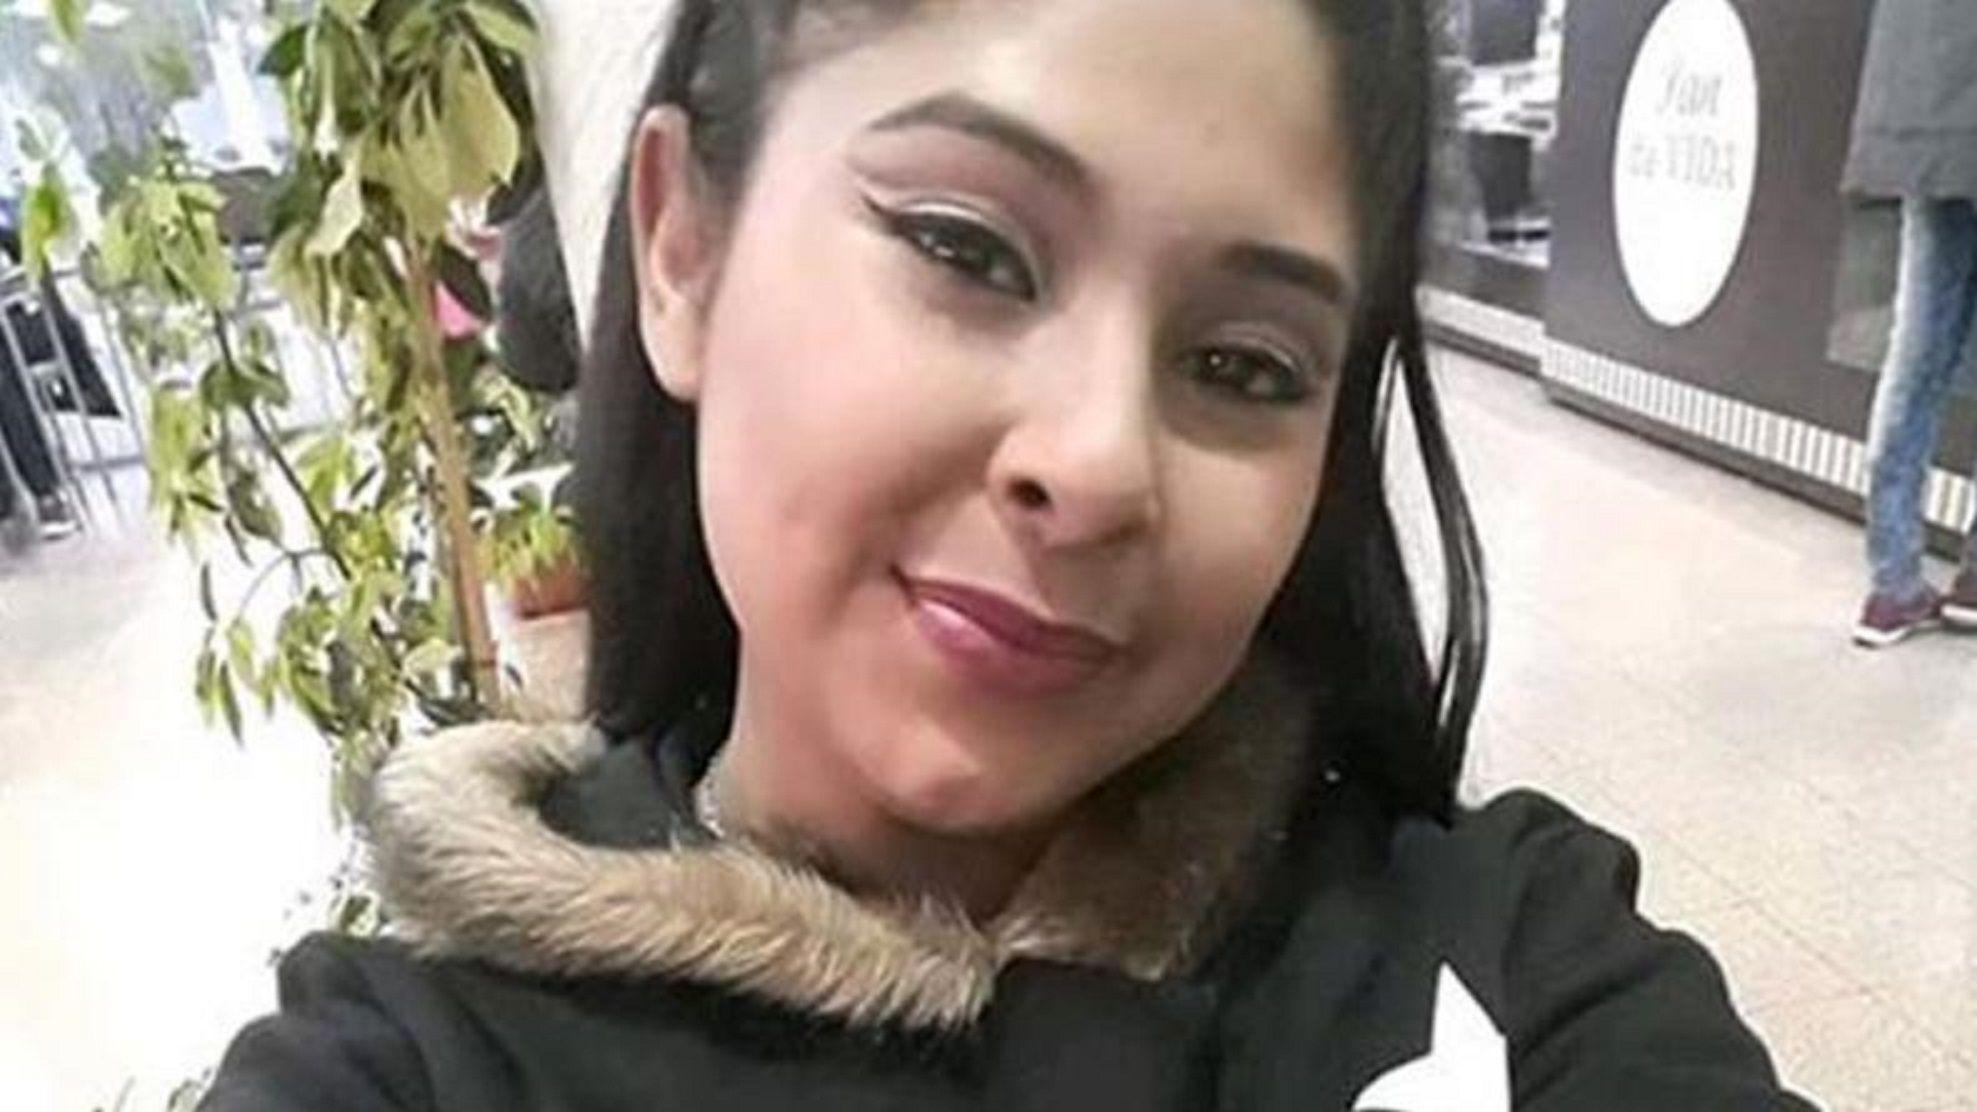 Wanda Navarro vivió seis meses de terror antes de ser asesinada en Córdoba